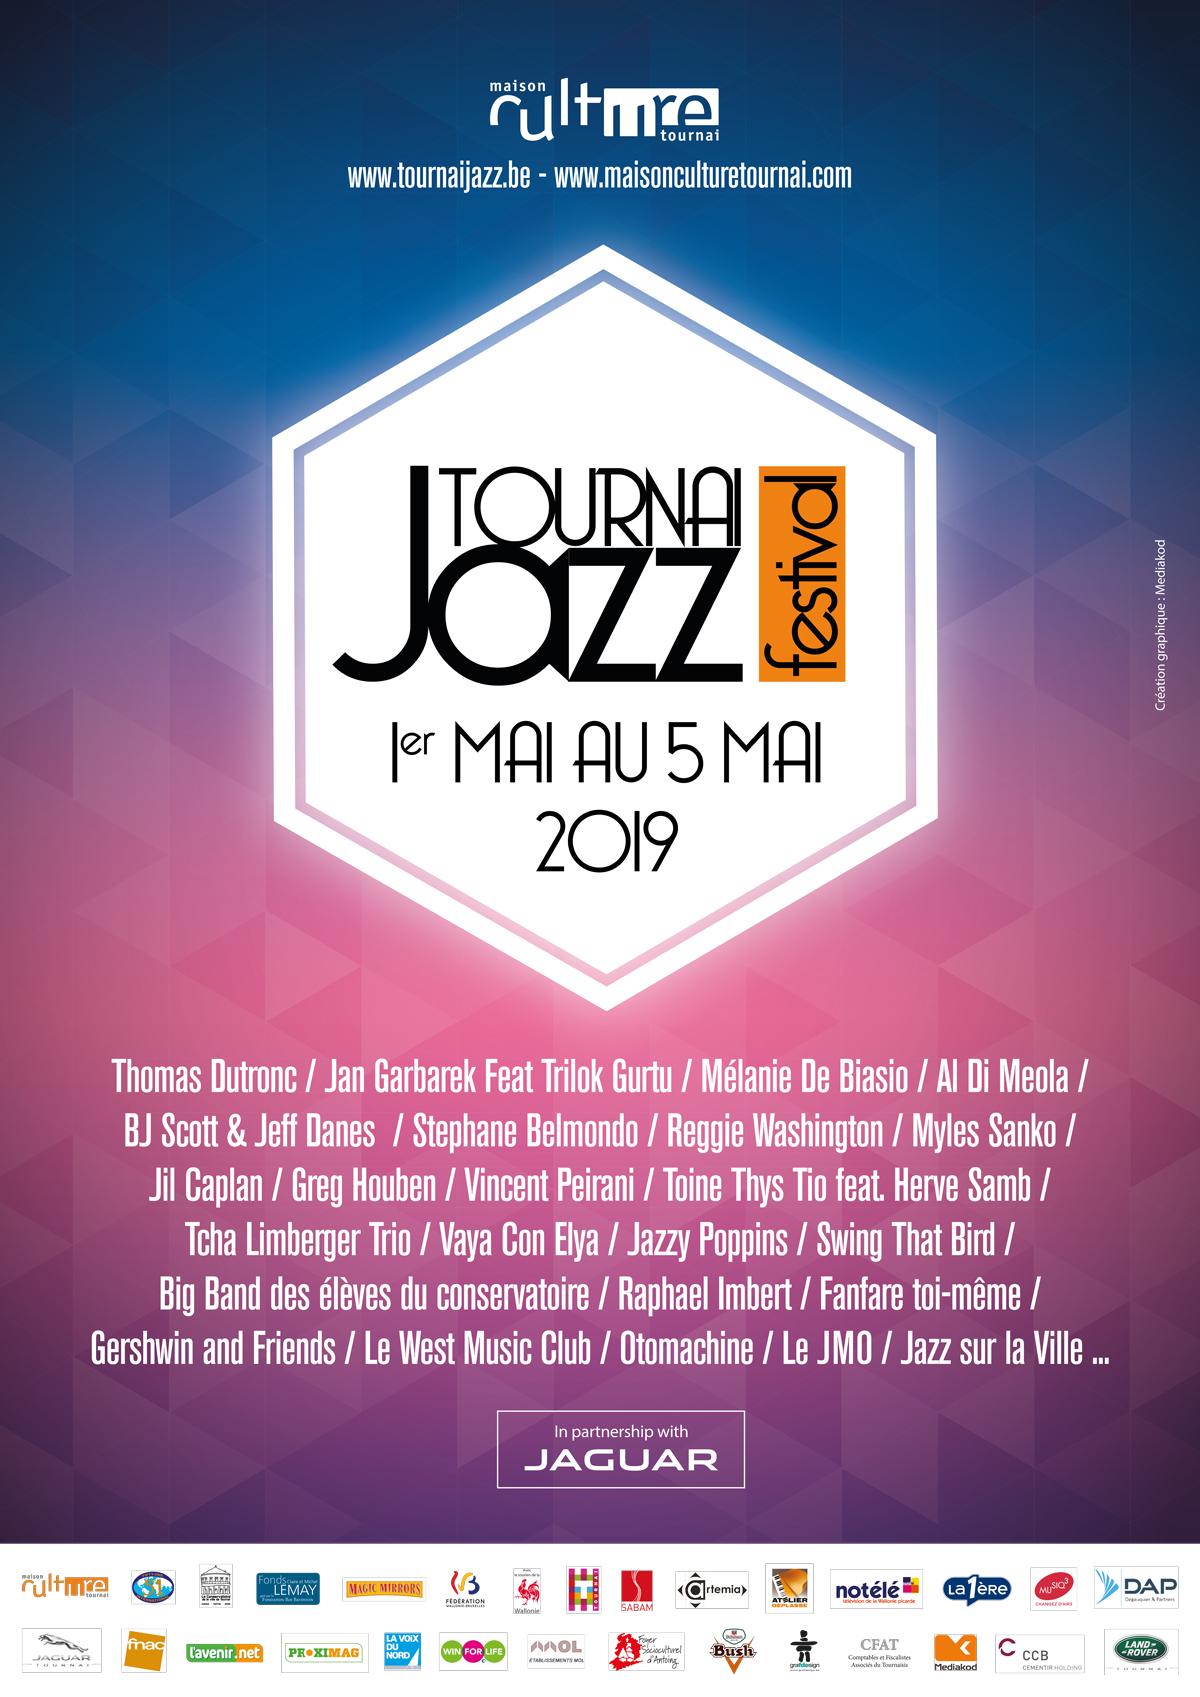 Tournai-Jazz-2019